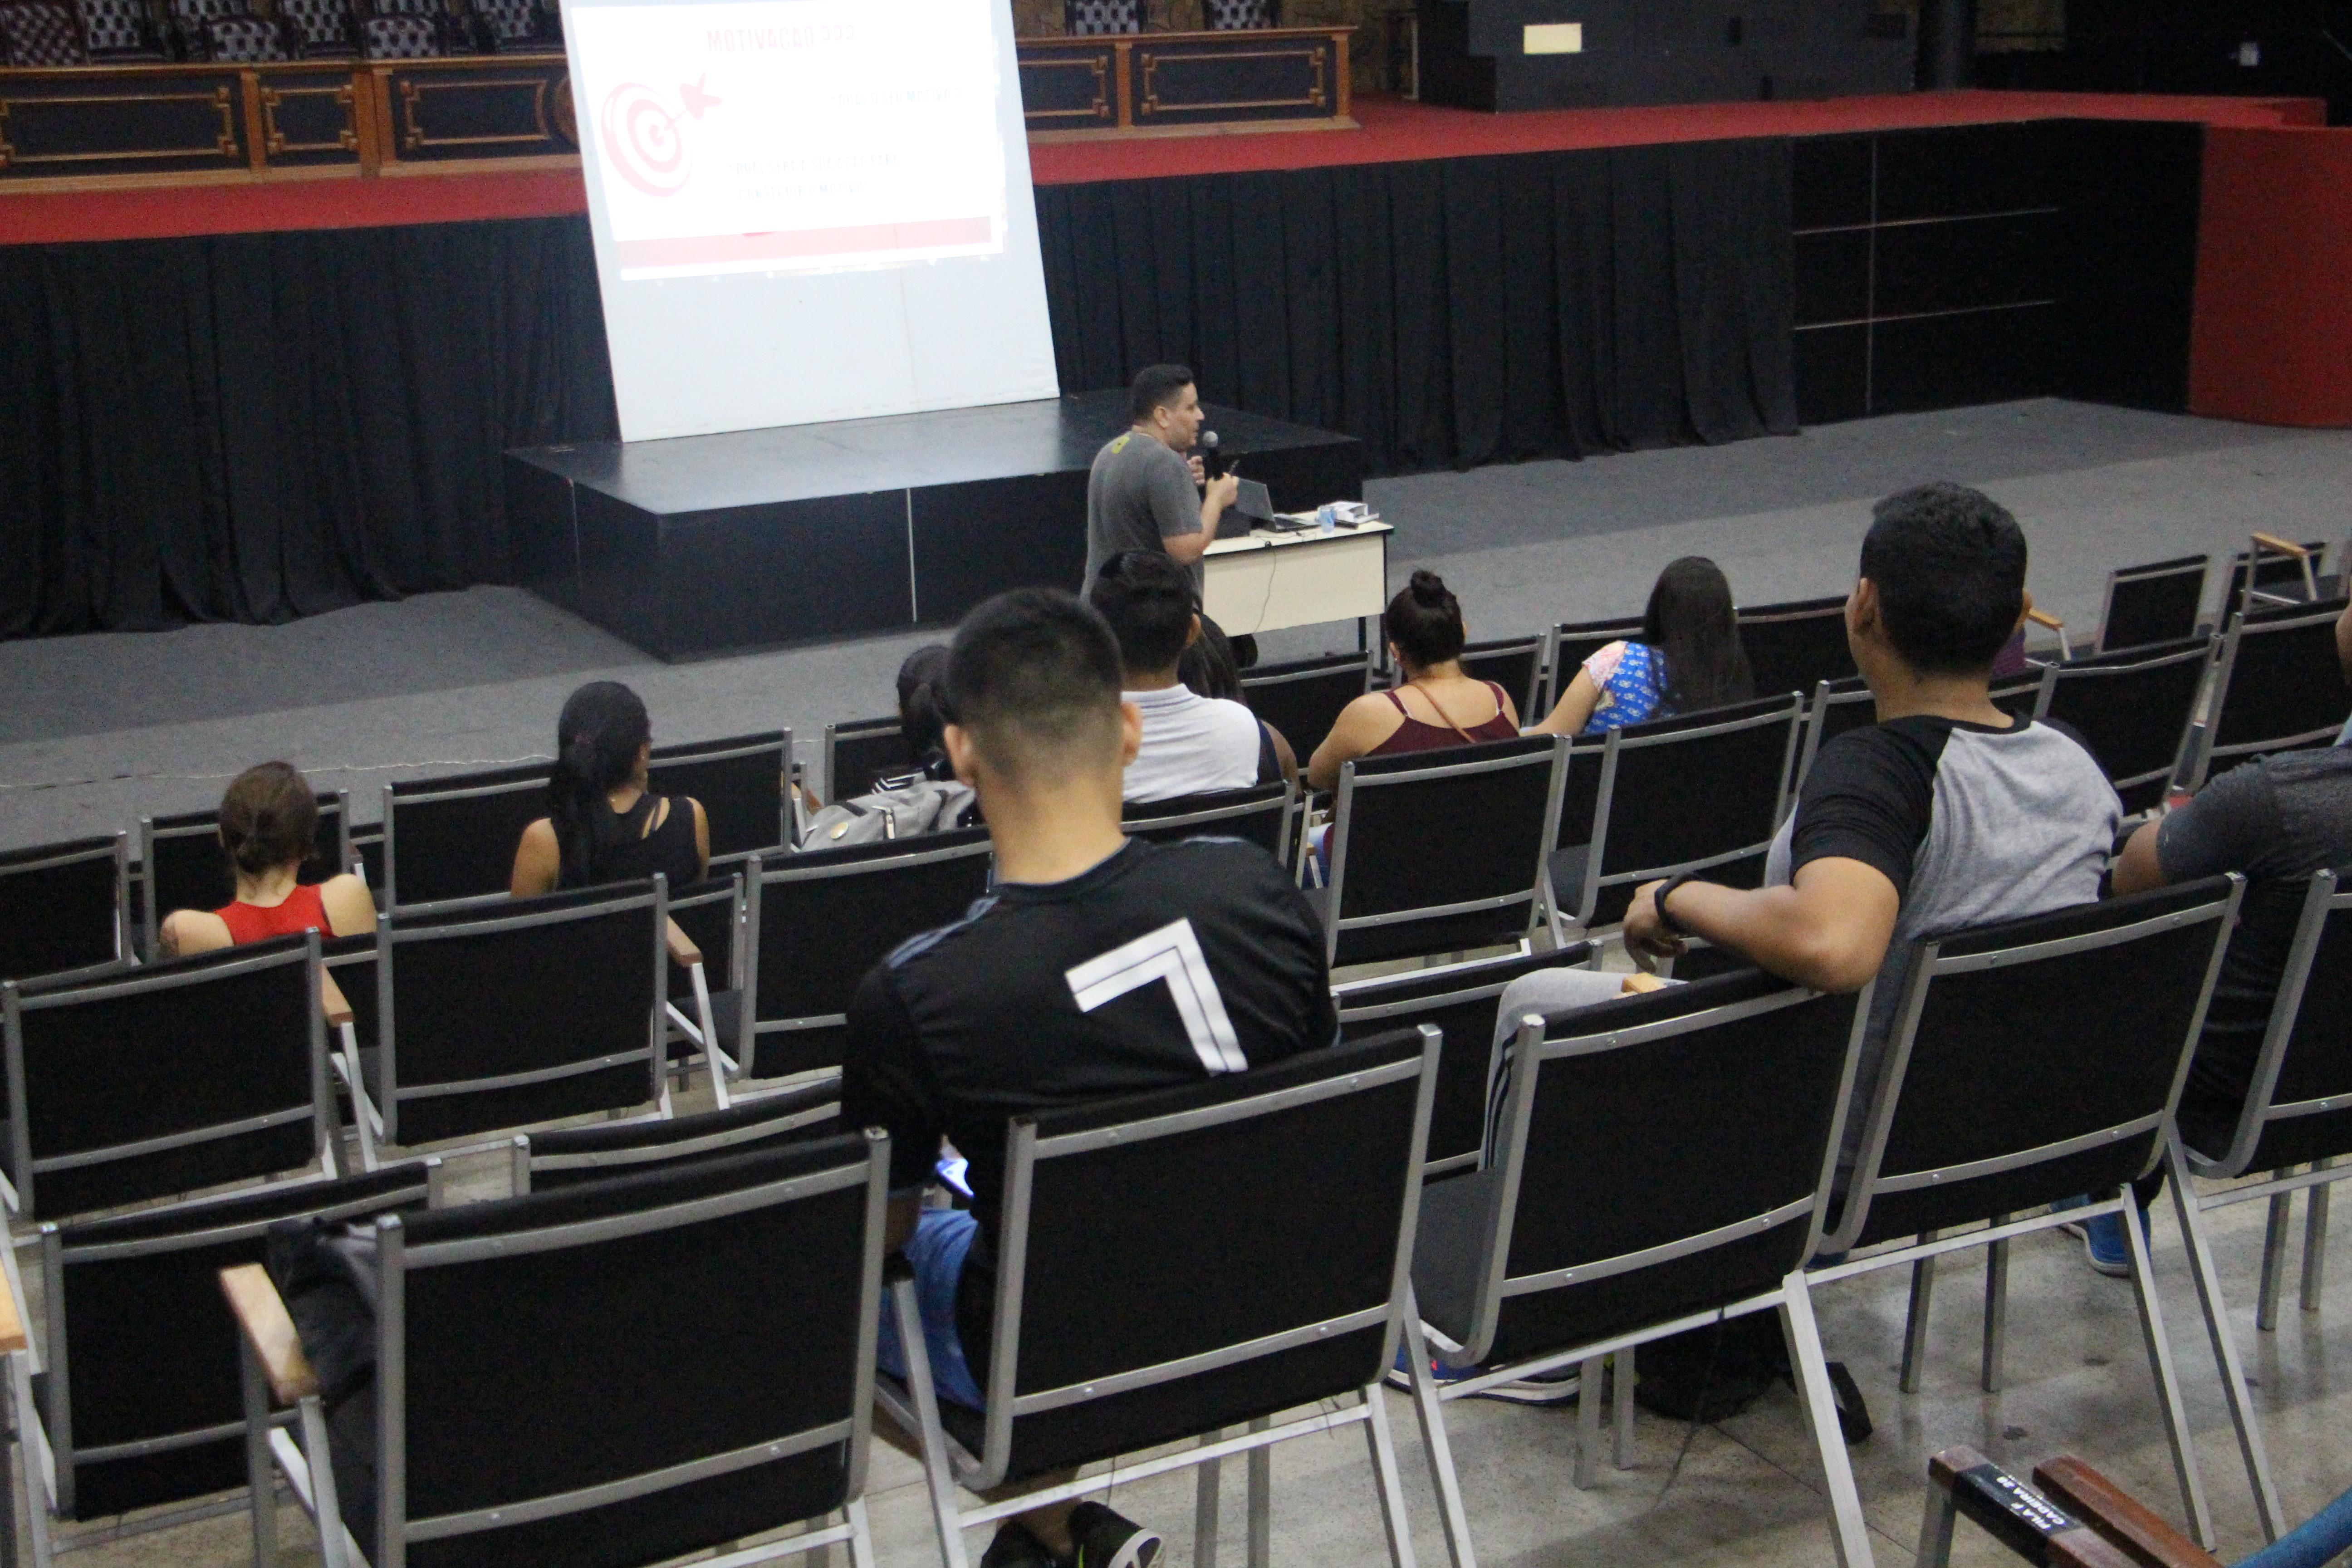 Atlética Nilton Lins e Curso de Educação Física Realizam Jornada Acadêmica no auditório Nina Lins.